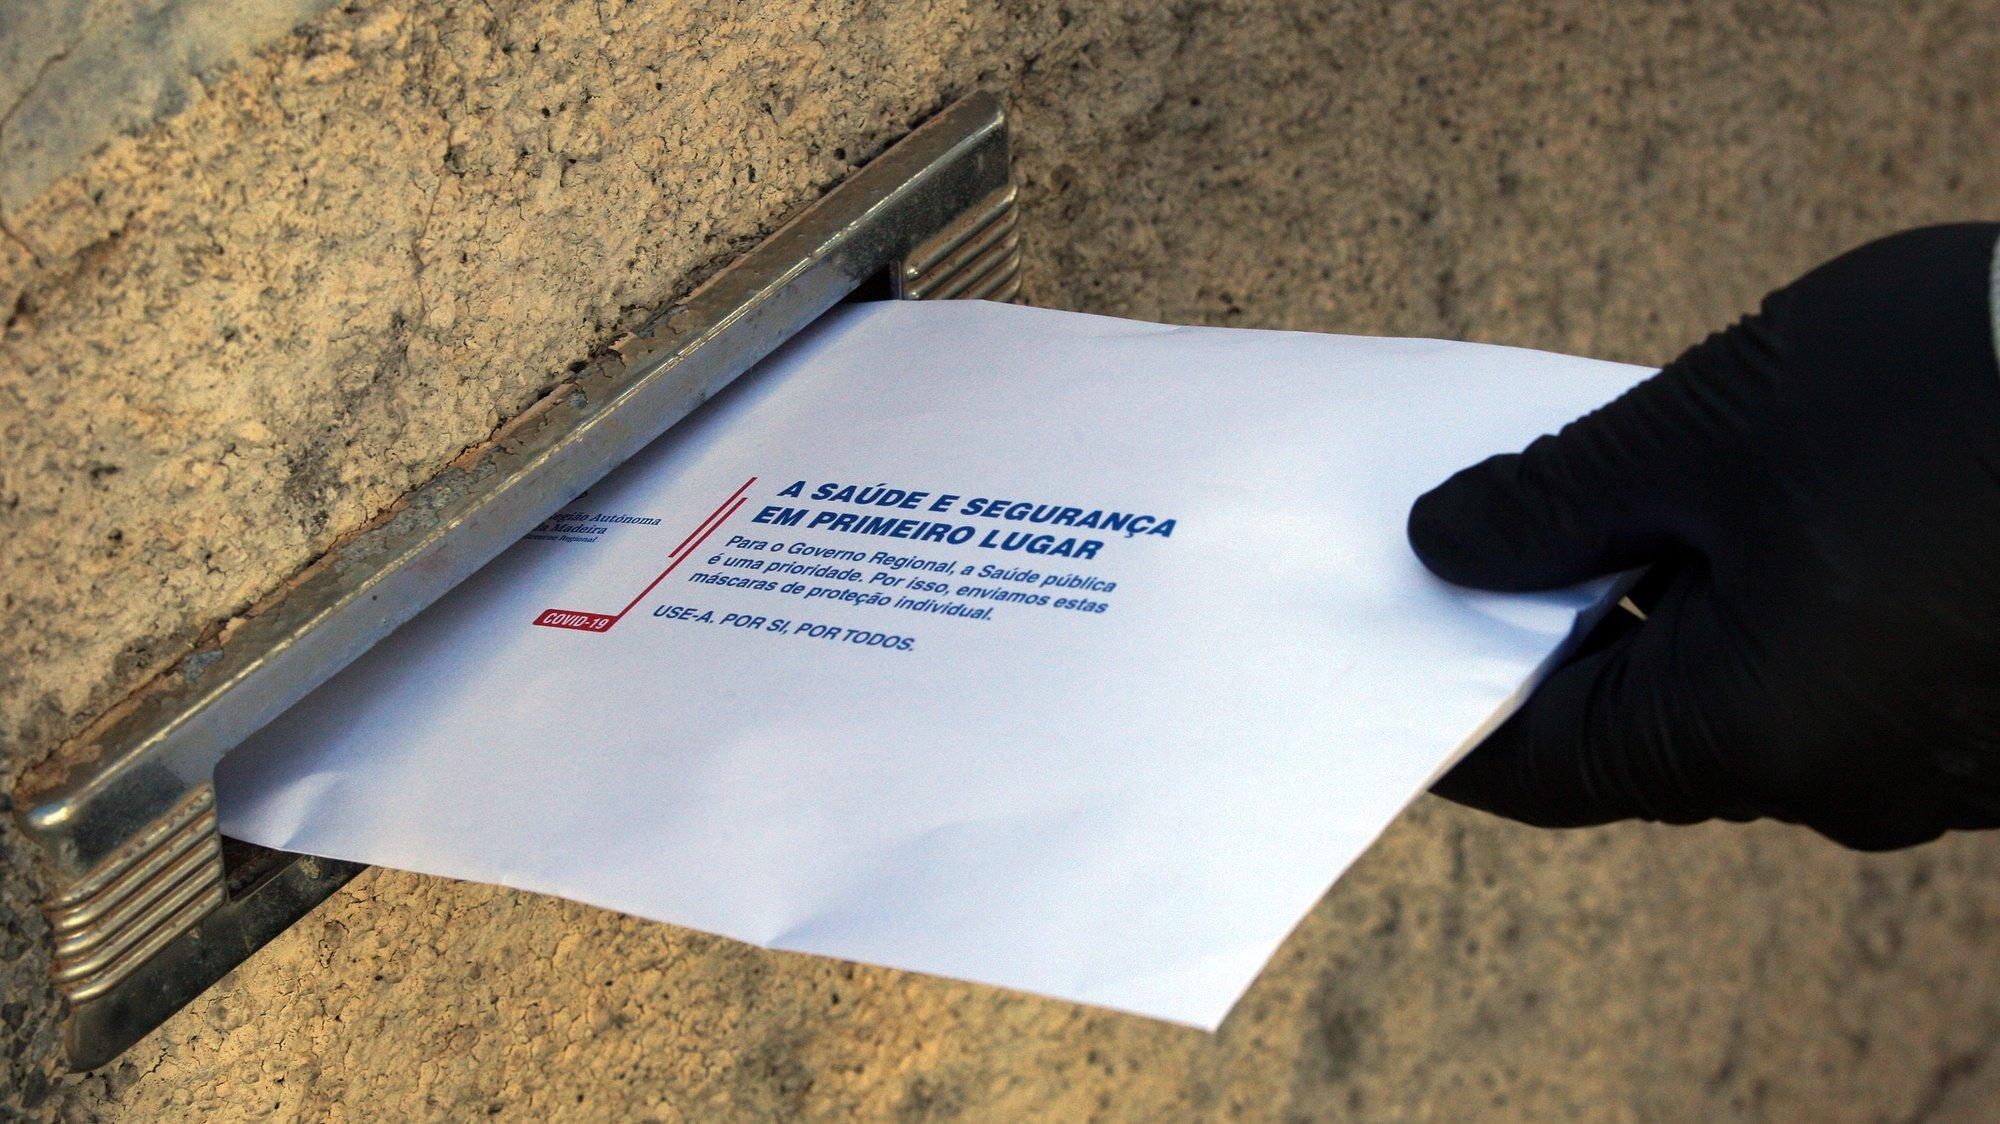 Décio Farinha, carteiro dos CTT Madeira, entrega envelopes enviados pelo Governo Regional contendo máscaras de proteção contra a covid-19, no Funchal, ilha da Madeira, 17 de abril de 2020. HOMEM DE GOUVEIA/LUSA